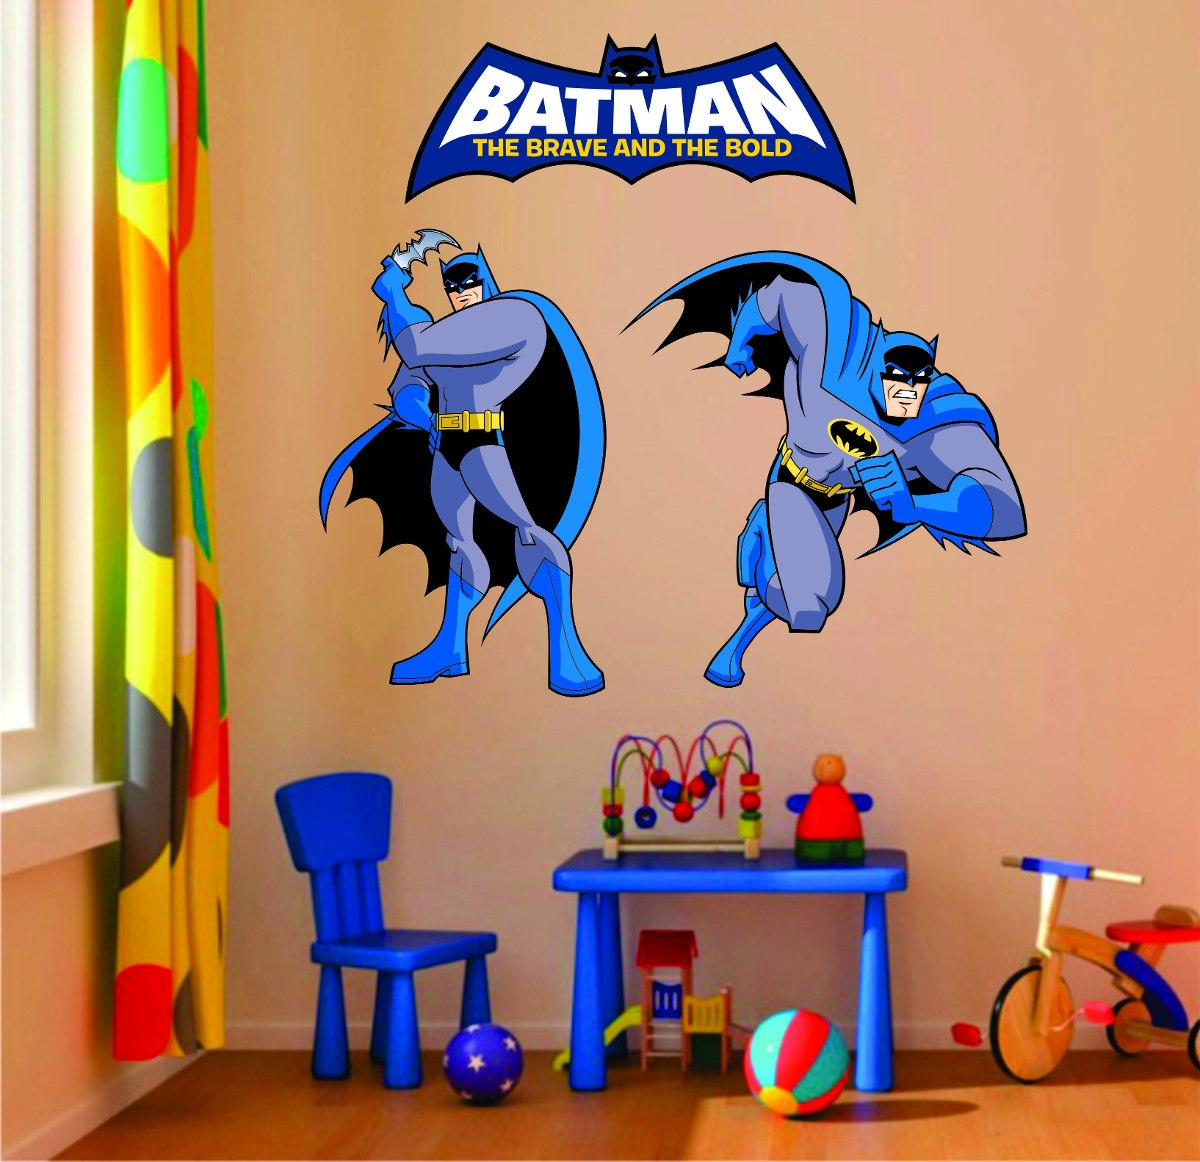 bce43beb7d3f5a Adesivo Parede Quarto Infantil Super Herói Batman Escudo